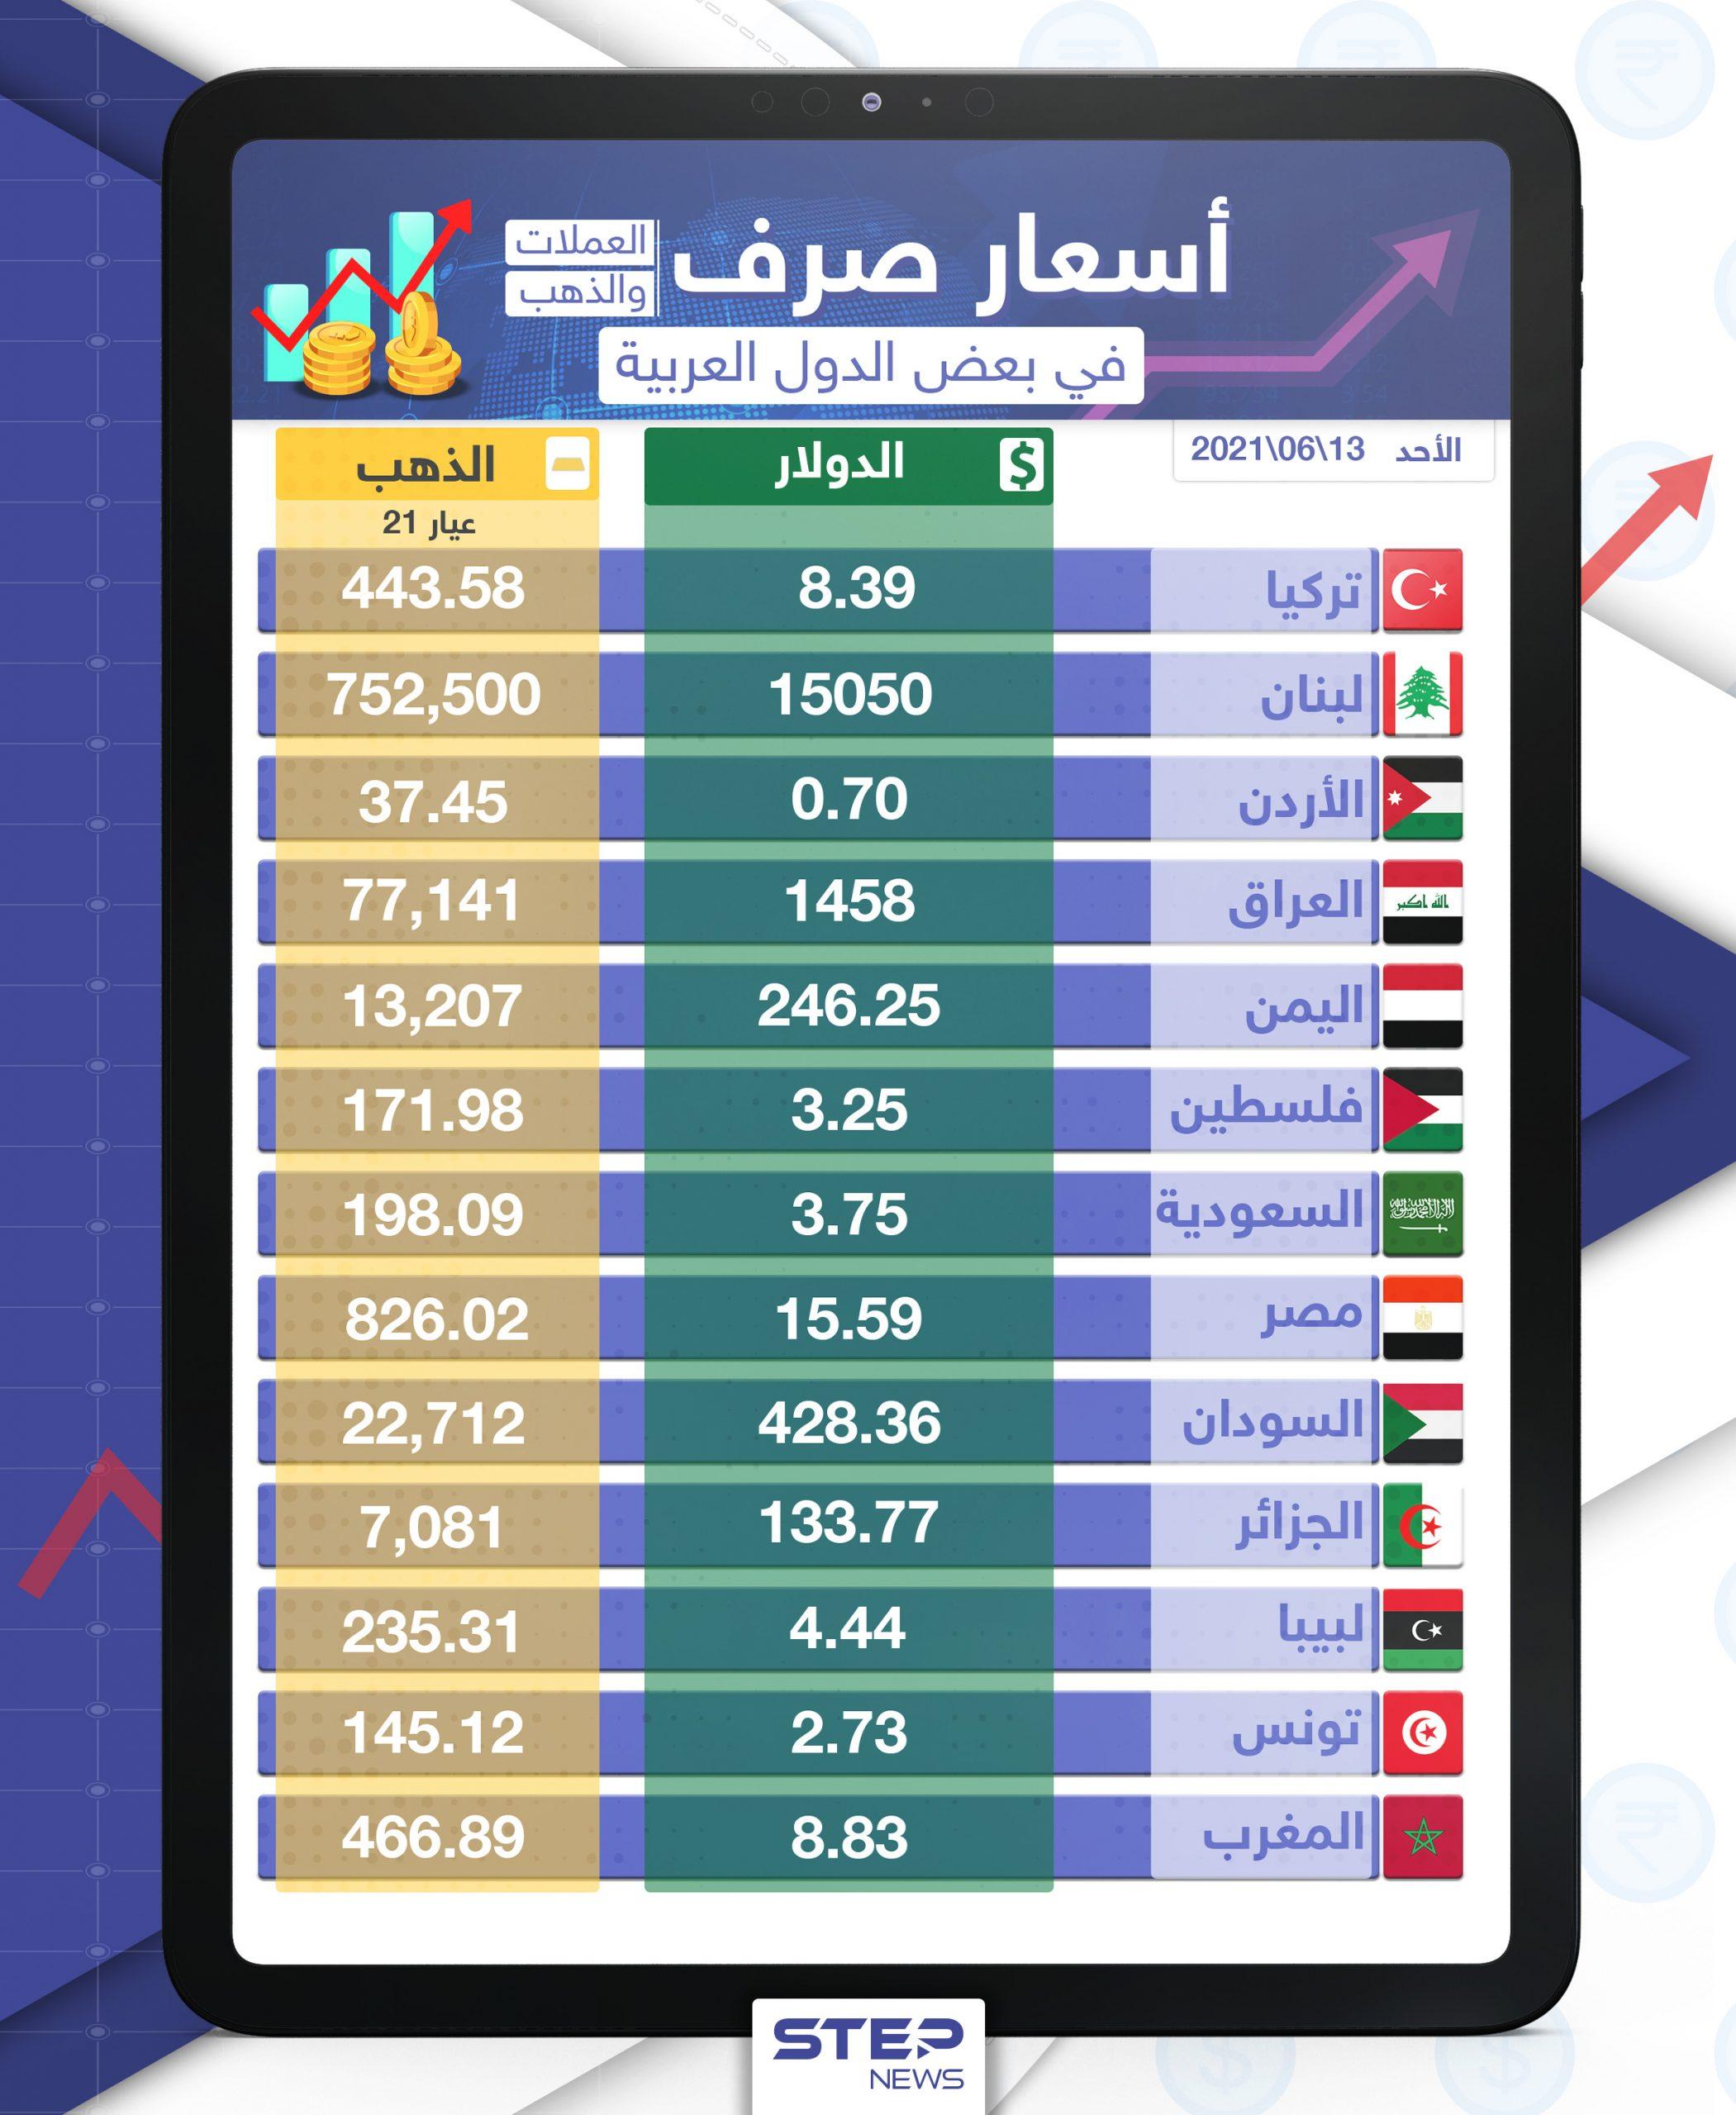 أسعار الذهب والعملات للدول العربية وتركيا اليوم الأحد الموافق 13 حزيران 2021